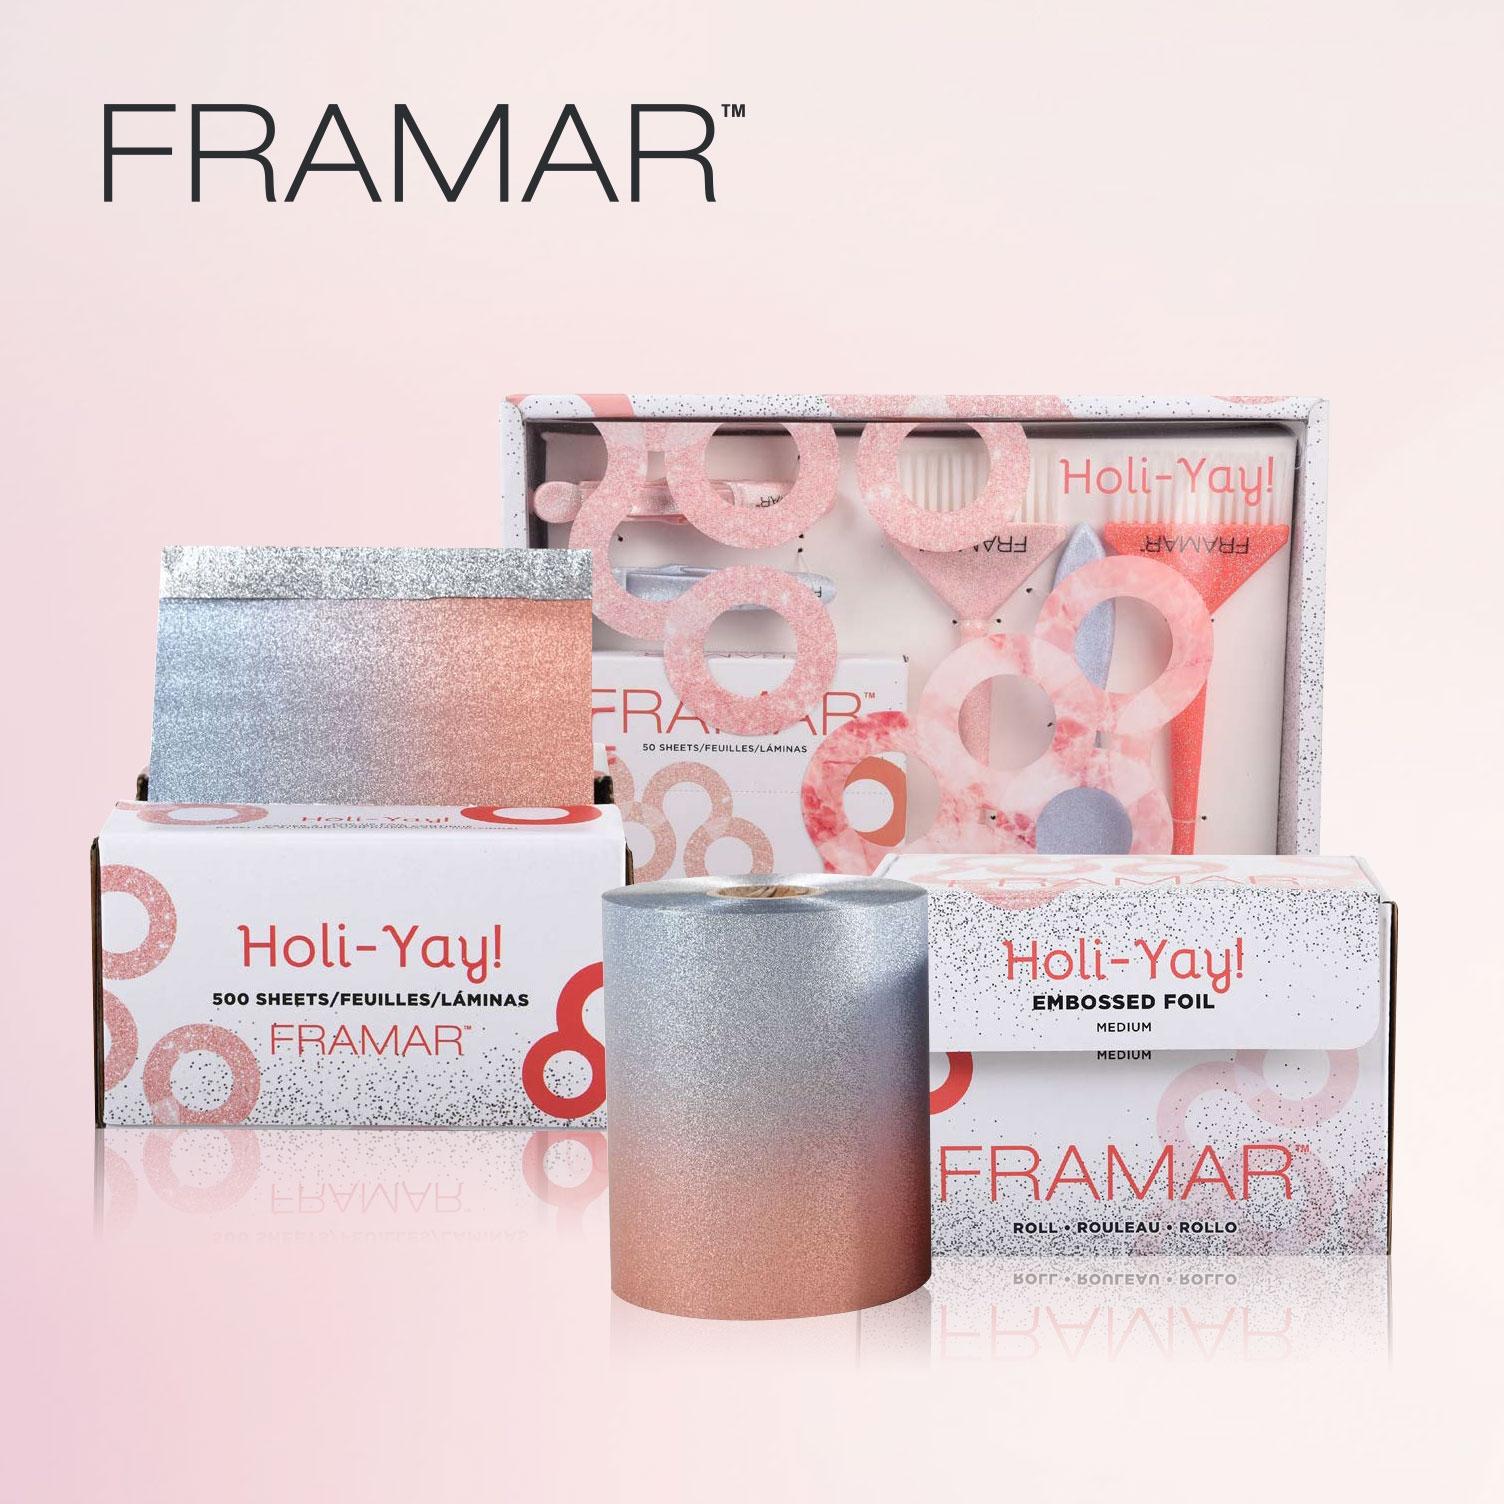 Framar Holi-Yay